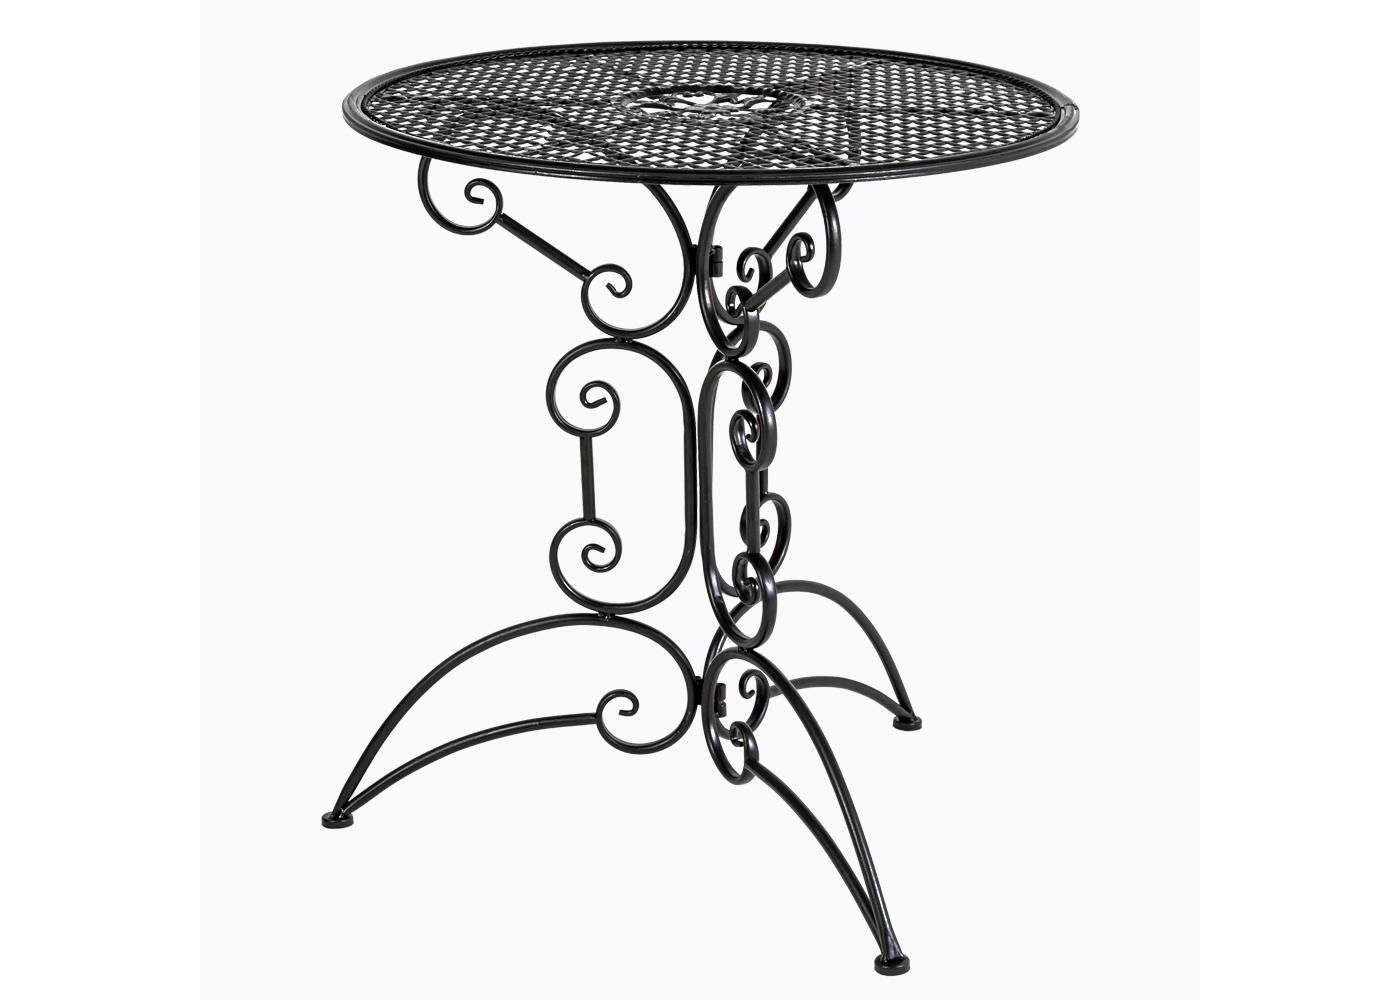 Складной столик для завтрака «Берси»Кофейные столики<br>Изящный столик &amp;quot;Берси&amp;quot; внесёт в Ваш дом атмосферу загородной беззаботности, а садовому участку придаст имидж респектабельного европейского кафе. Стол &amp;quot;Берси&amp;quot; универсален для городских квартир и загородных домов, для помещений и открытого воздуха. Плотный плетеный узор образует гладкую плоскую поверхность, гарантирующую устойчивость для предметов. Конструкция максимально комфортабельна: столик складывается единым легким движением, в сложенном виде он компактен для хранения и легок для перемещений. Кованая мебель изготовлена из мягкой стали, игнорирующей ржавчину, влажность и температурные перепады. На открытом воздухе ей не страшны любые погодные условия.&amp;lt;div&amp;gt;&amp;lt;br&amp;gt;&amp;lt;div&amp;gt;&amp;lt;iframe width=&amp;quot;530&amp;quot; height=&amp;quot;360&amp;quot; src=&amp;quot;https://www.youtube.com/embed/R8wfCIdJsYg&amp;quot; frameborder=&amp;quot;0&amp;quot; allowfullscreen=&amp;quot;&amp;quot;&amp;gt;&amp;lt;/iframe&amp;gt;&amp;lt;/div&amp;gt;&amp;lt;/div&amp;gt;<br><br>Material: Металл<br>Height см: 74<br>Diameter см: 70